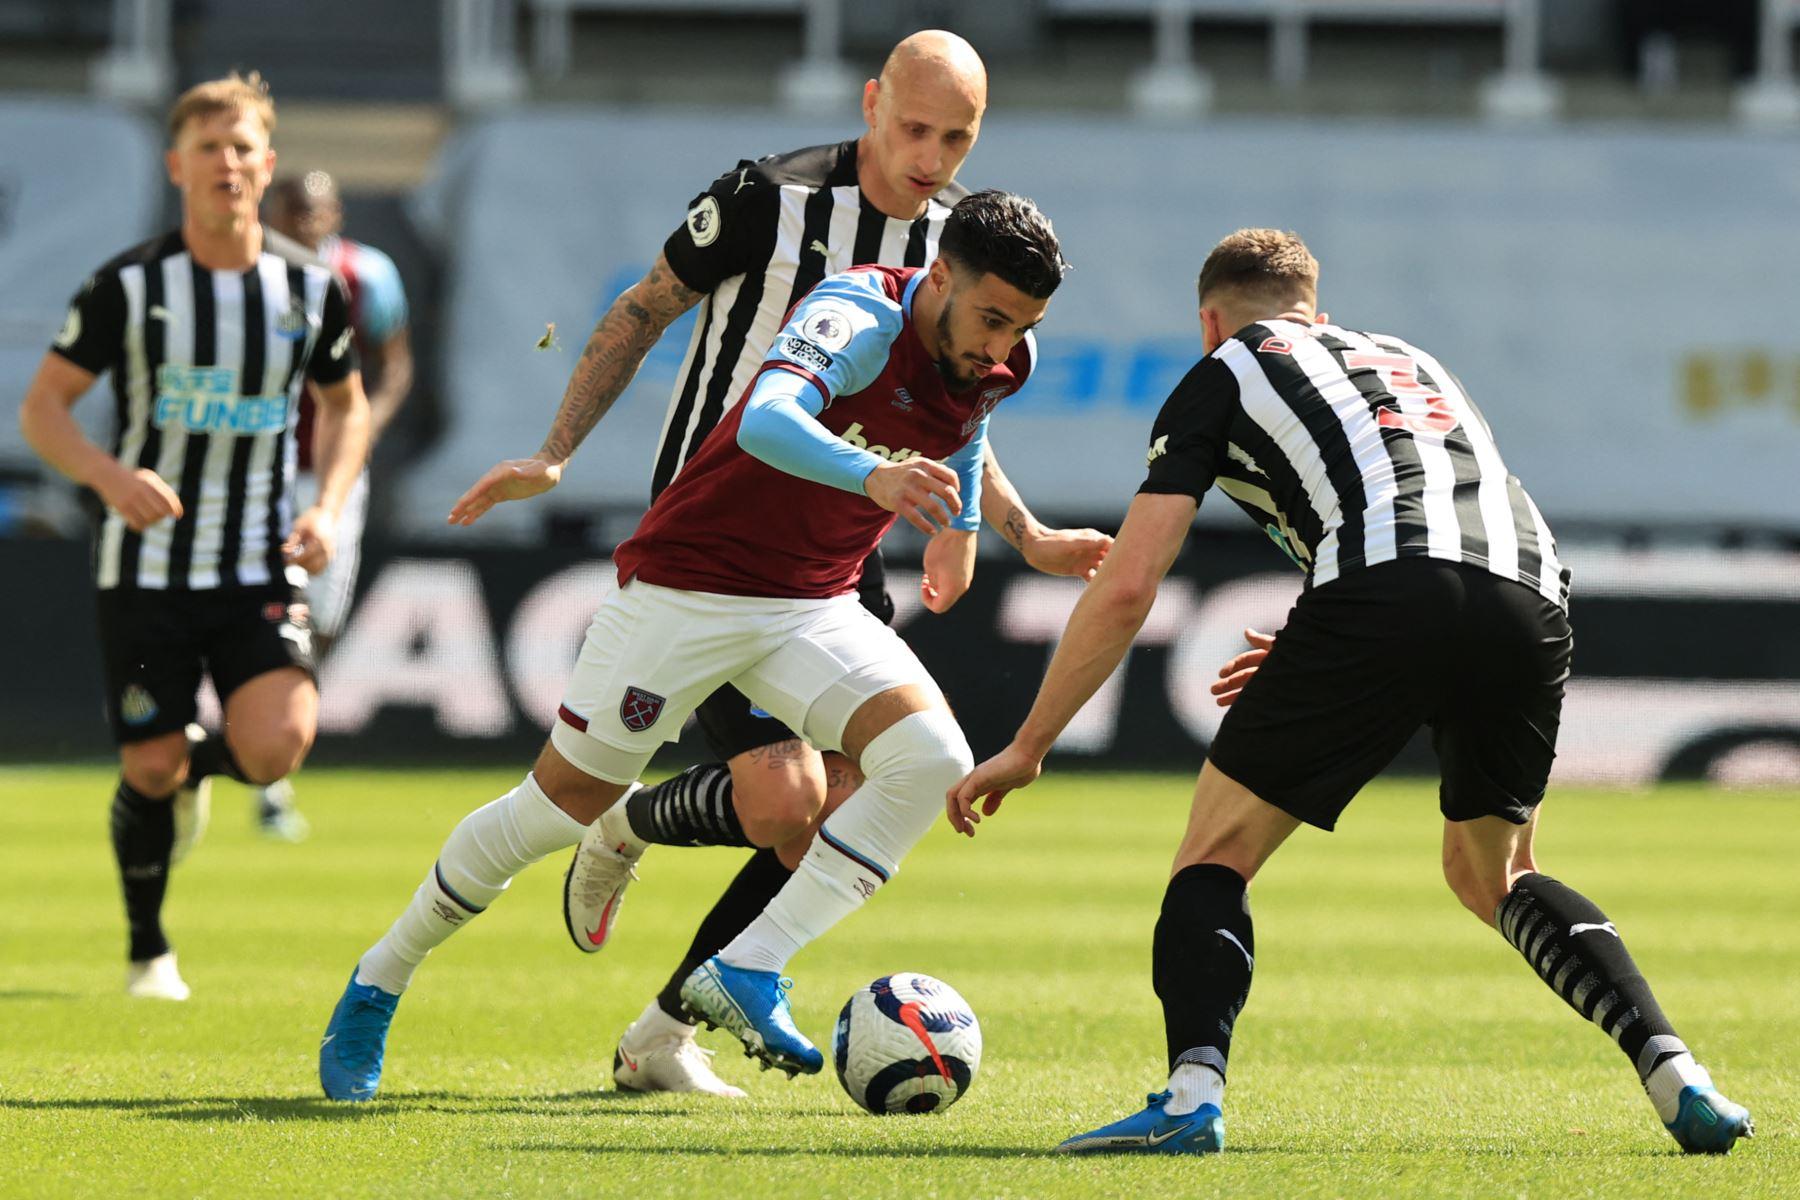 El centrocampista argelino del West Ham United, Said Benrahma , pelea por el balón con el defensor galés del Newcastle United Paul Dummett, durante el partido de fútbol de la Premier League inglesa entre Newcastle United y West Ham United. Foto: AFP